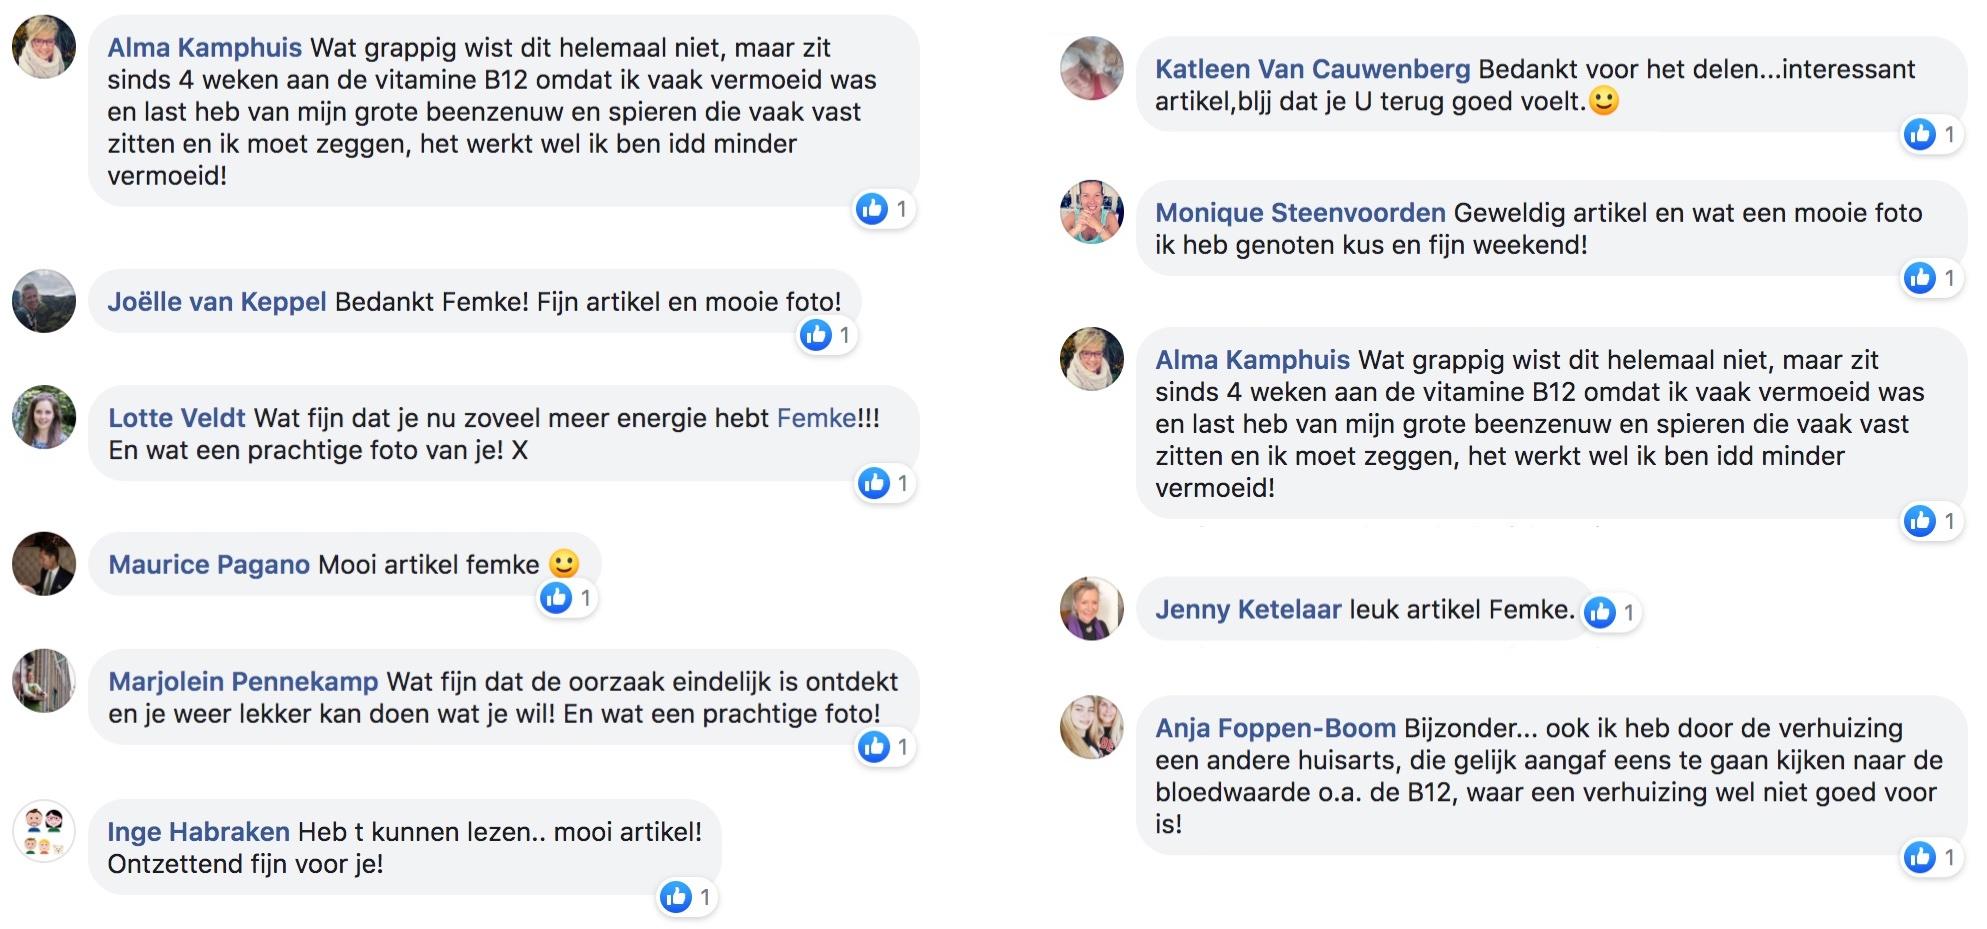 ervaring van anderen naar aanleiding van het interview met Femke de Grijs in Libelle over vitamine B12-tekort